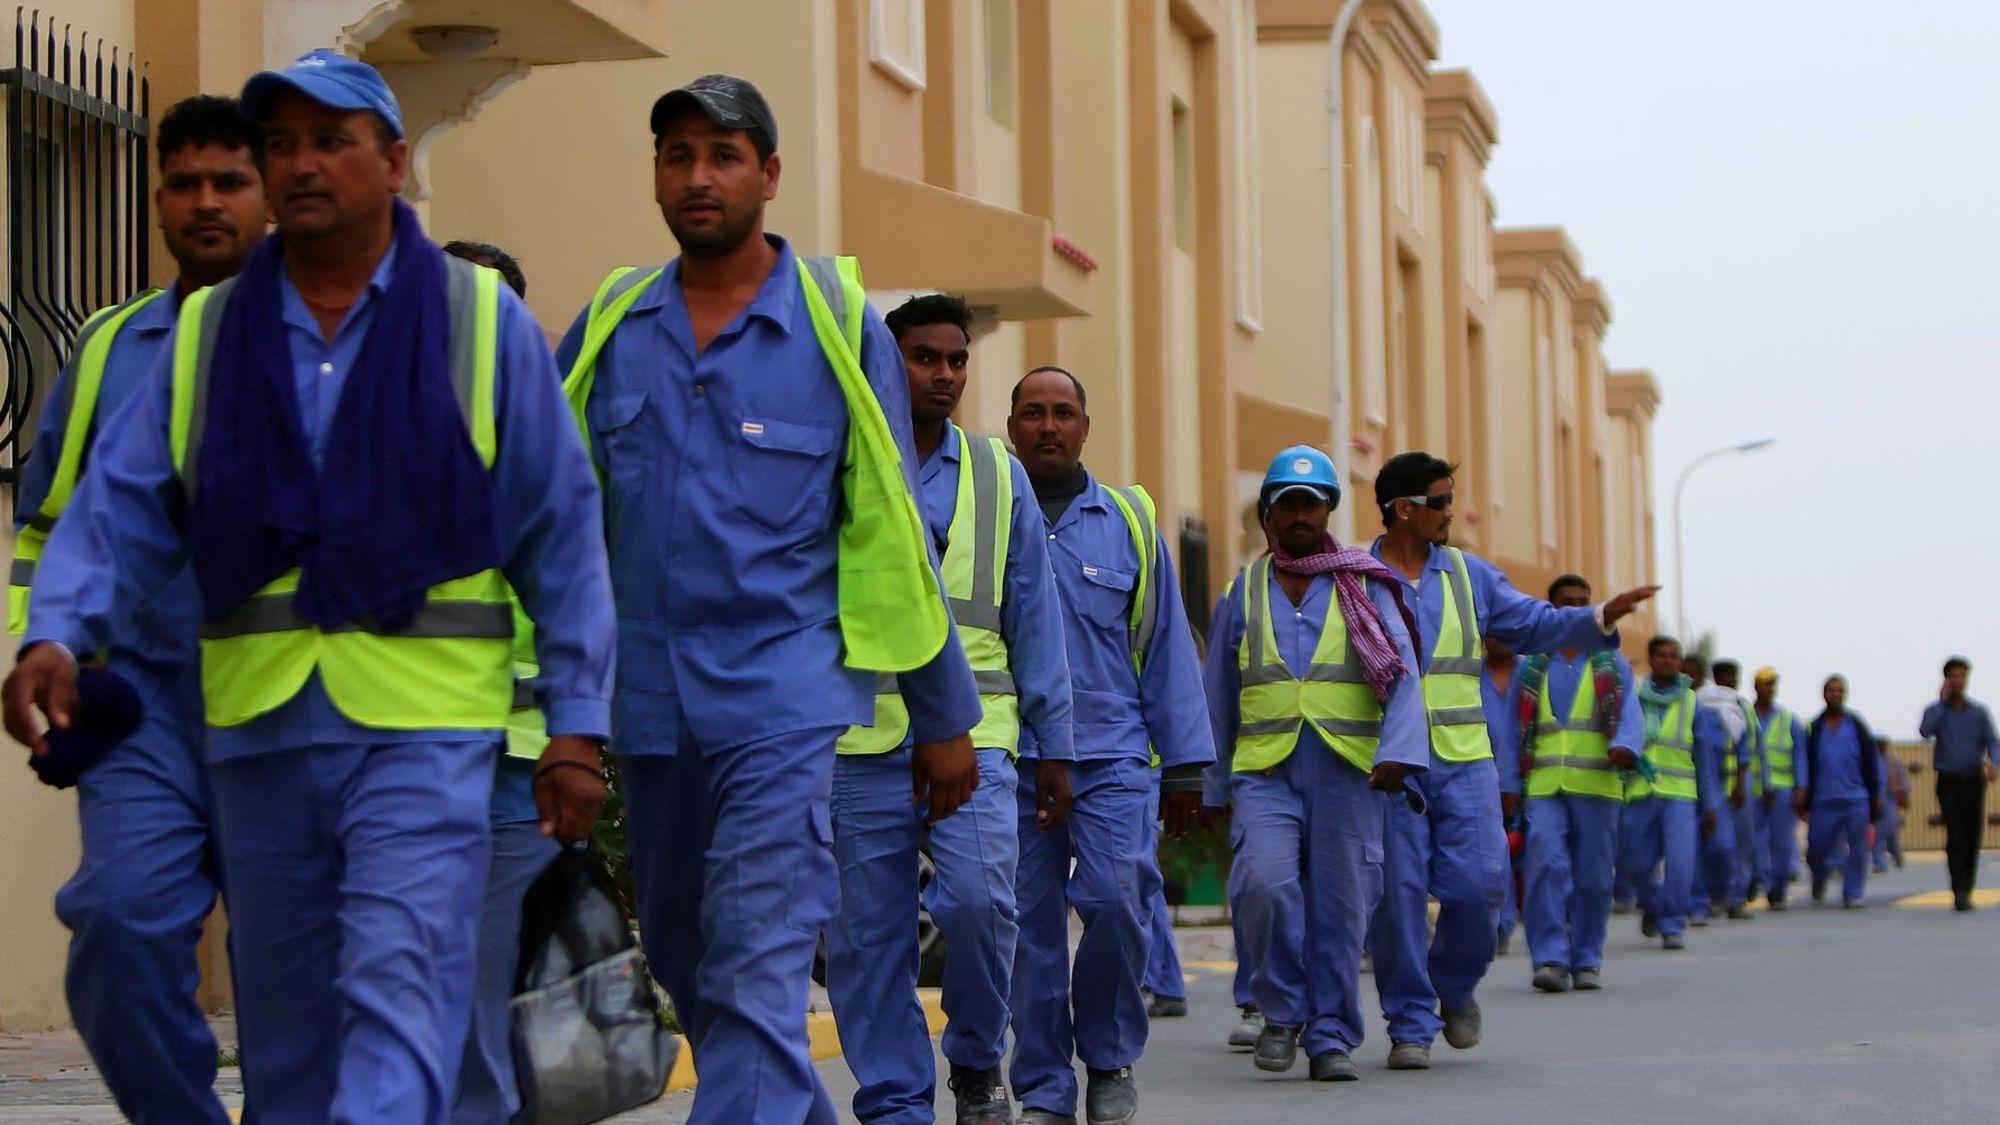 Coupe du monde de football 2022. Qatar : les ouvriers des stades de la coupe du monde 2022 ...